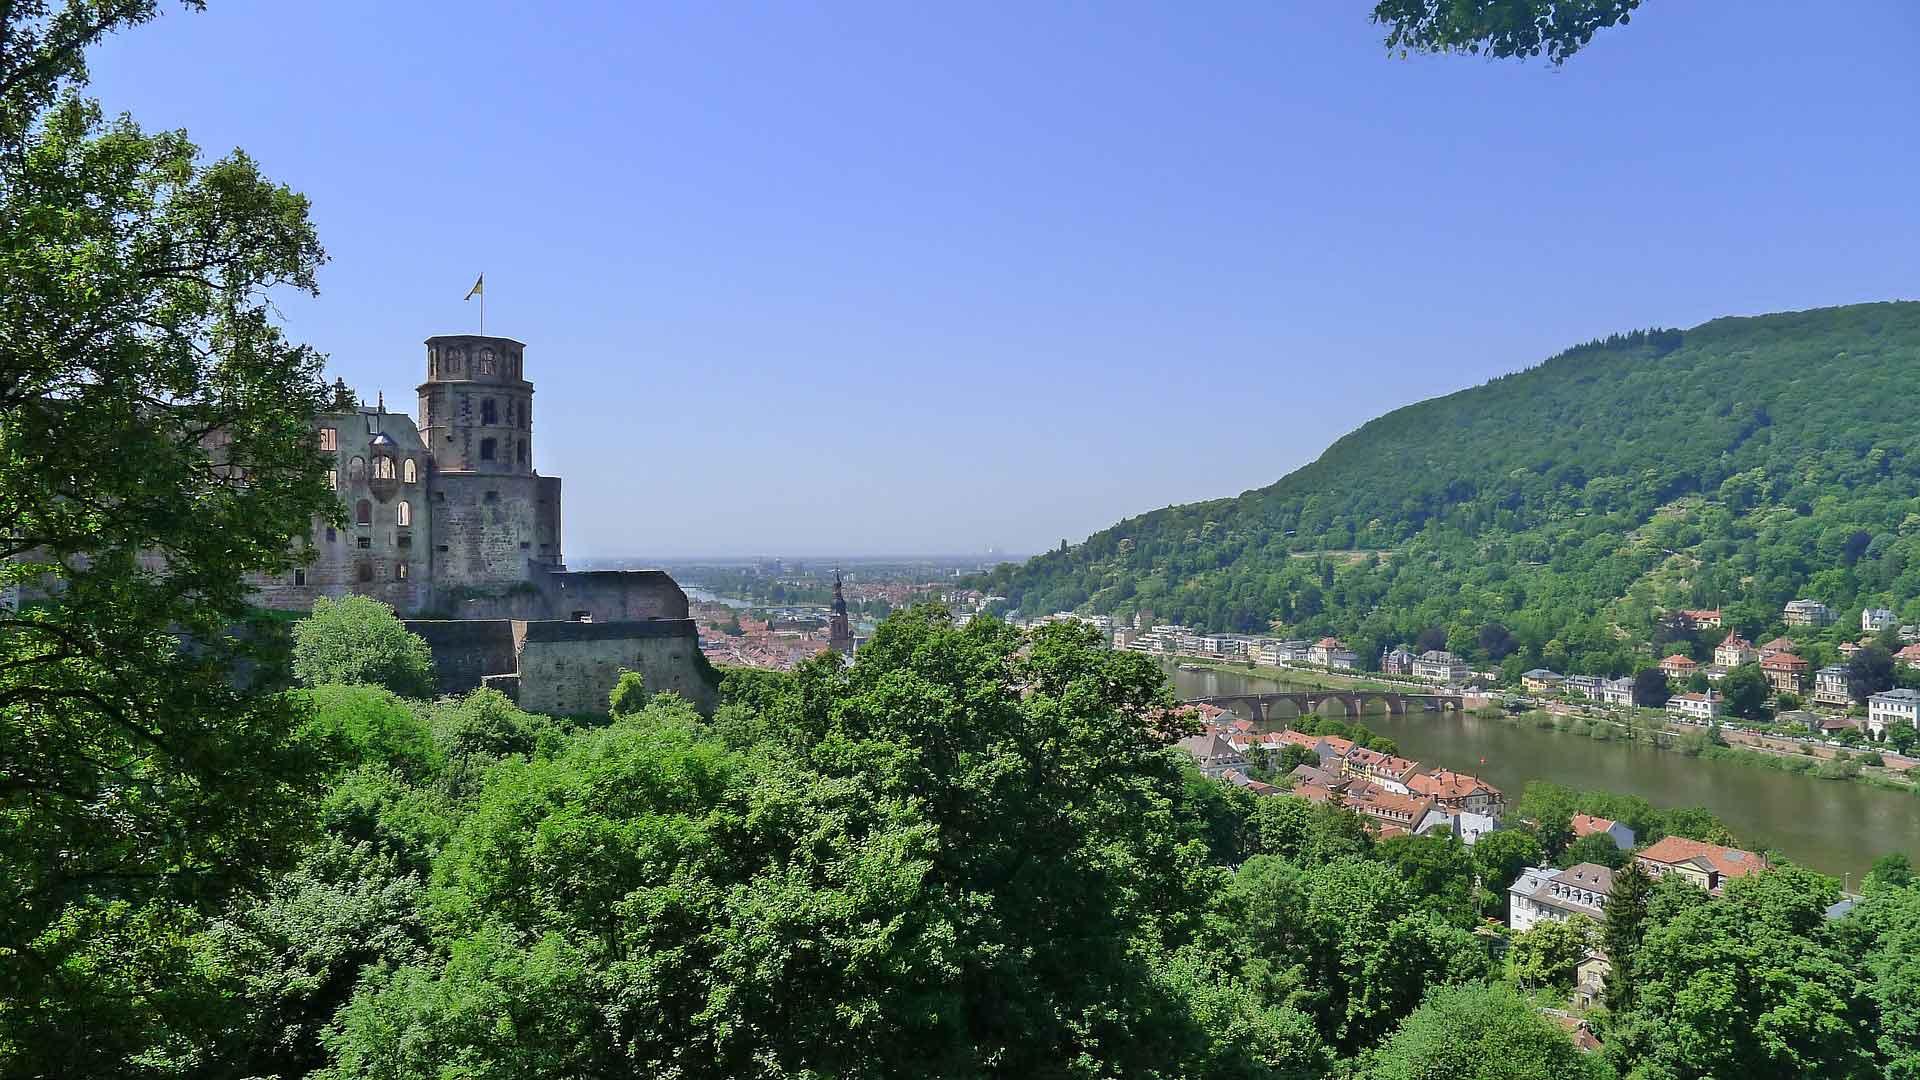 Uitzicht over Heidelberg en de Neckar vanaf de burchtruine.